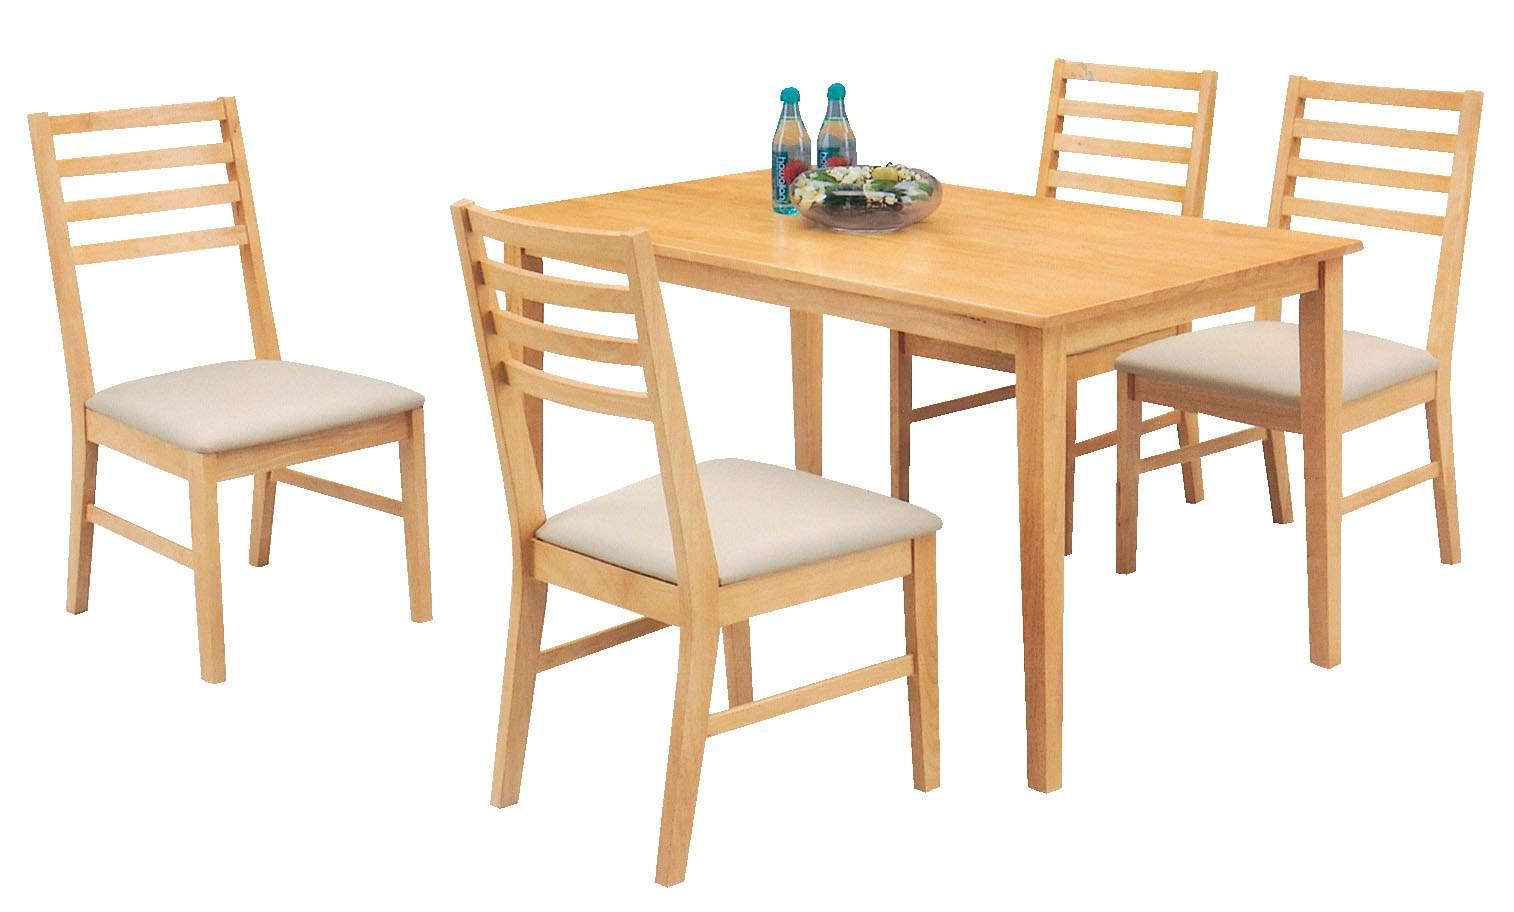 Địa chỉ cung cấp bộ bàn ăn gỗ cao su Giá Rẻ - Chất lượng tốt